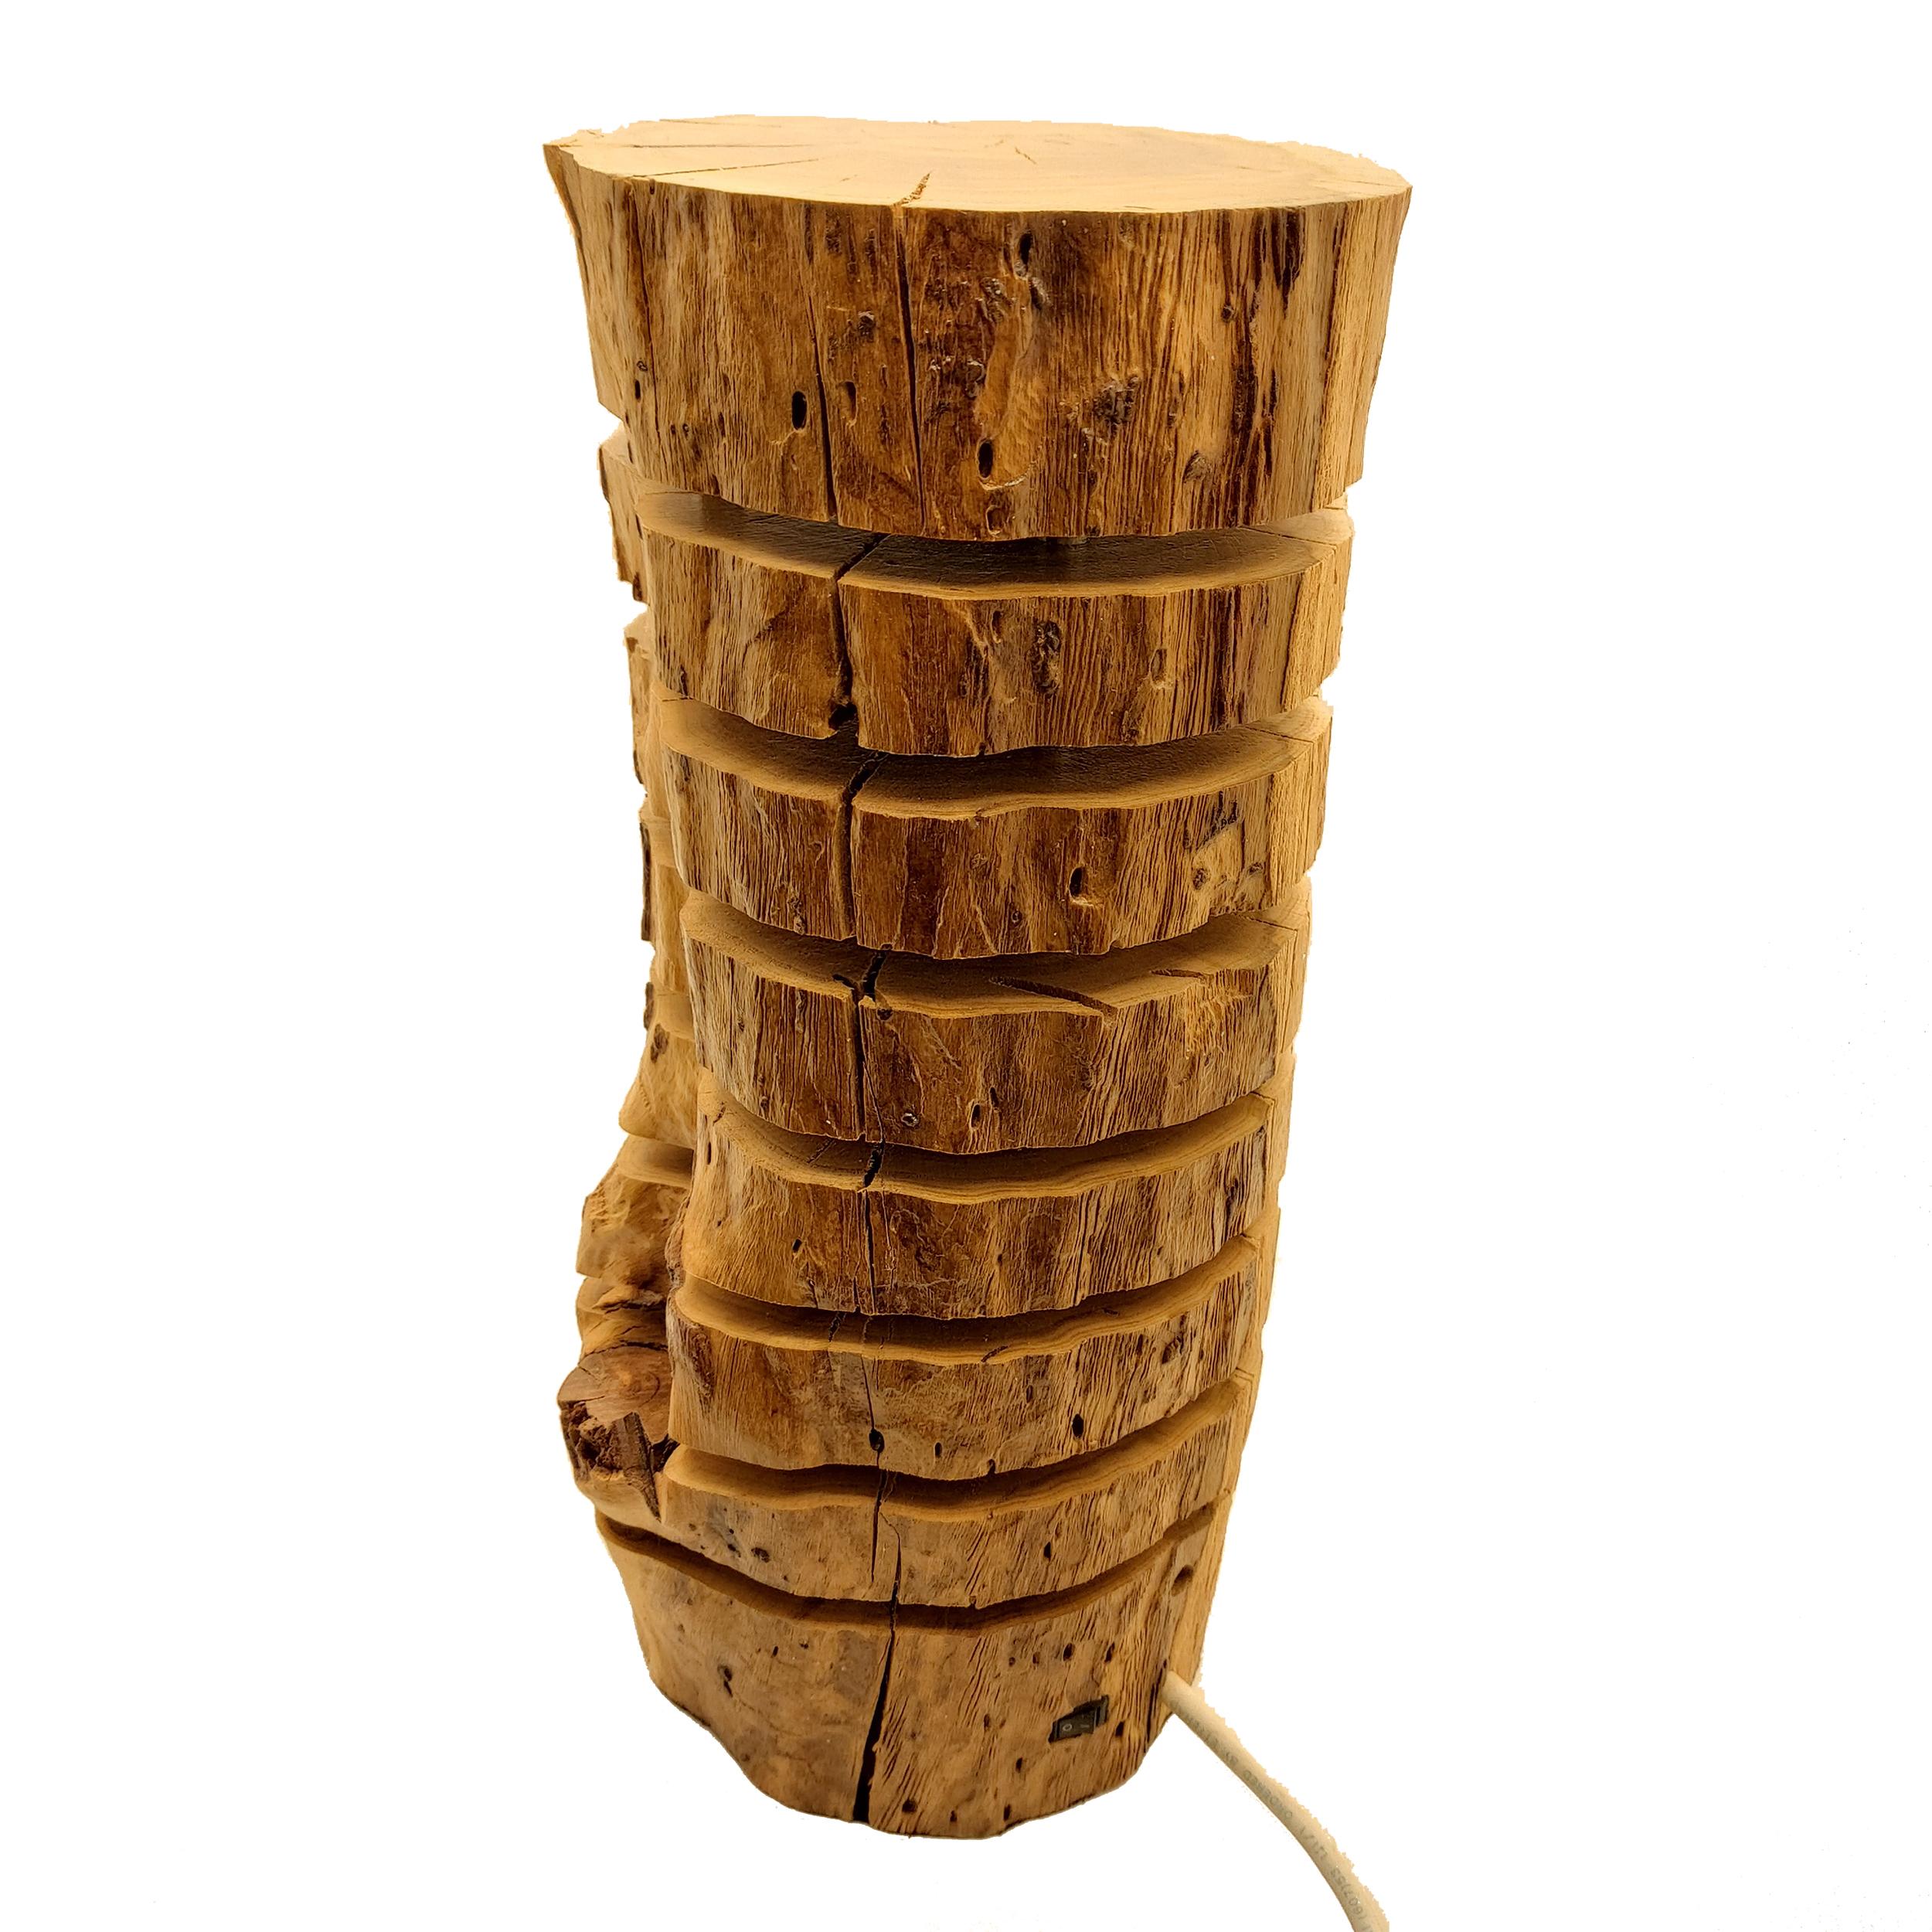 آباژور چوبی مدل تنه درخت